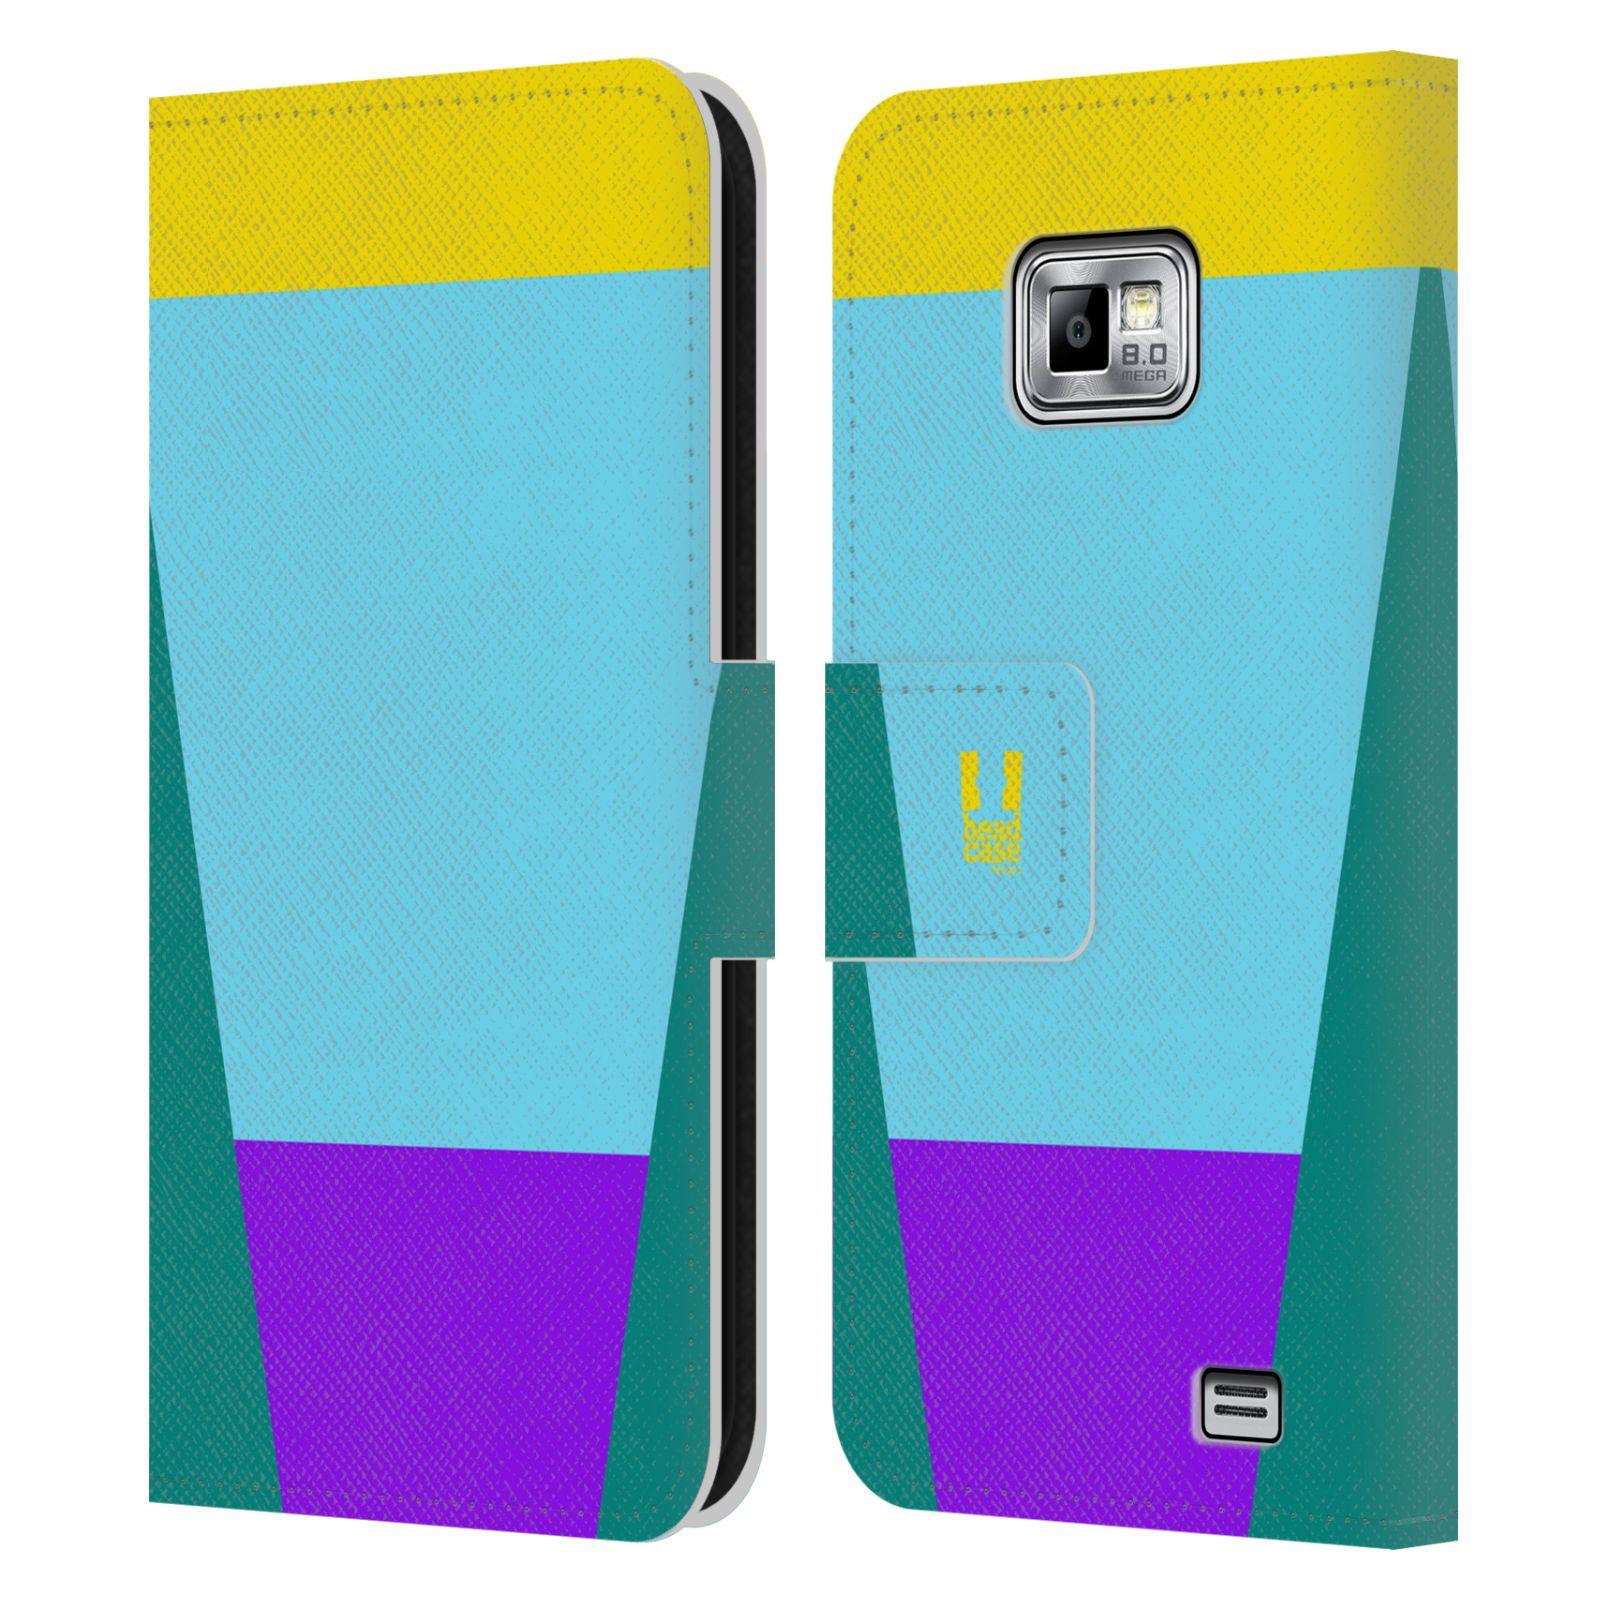 HEAD CASE Flipové pouzdro pro mobil Samsung Galaxy S2 i9100 barevné tvary nebesky modrá